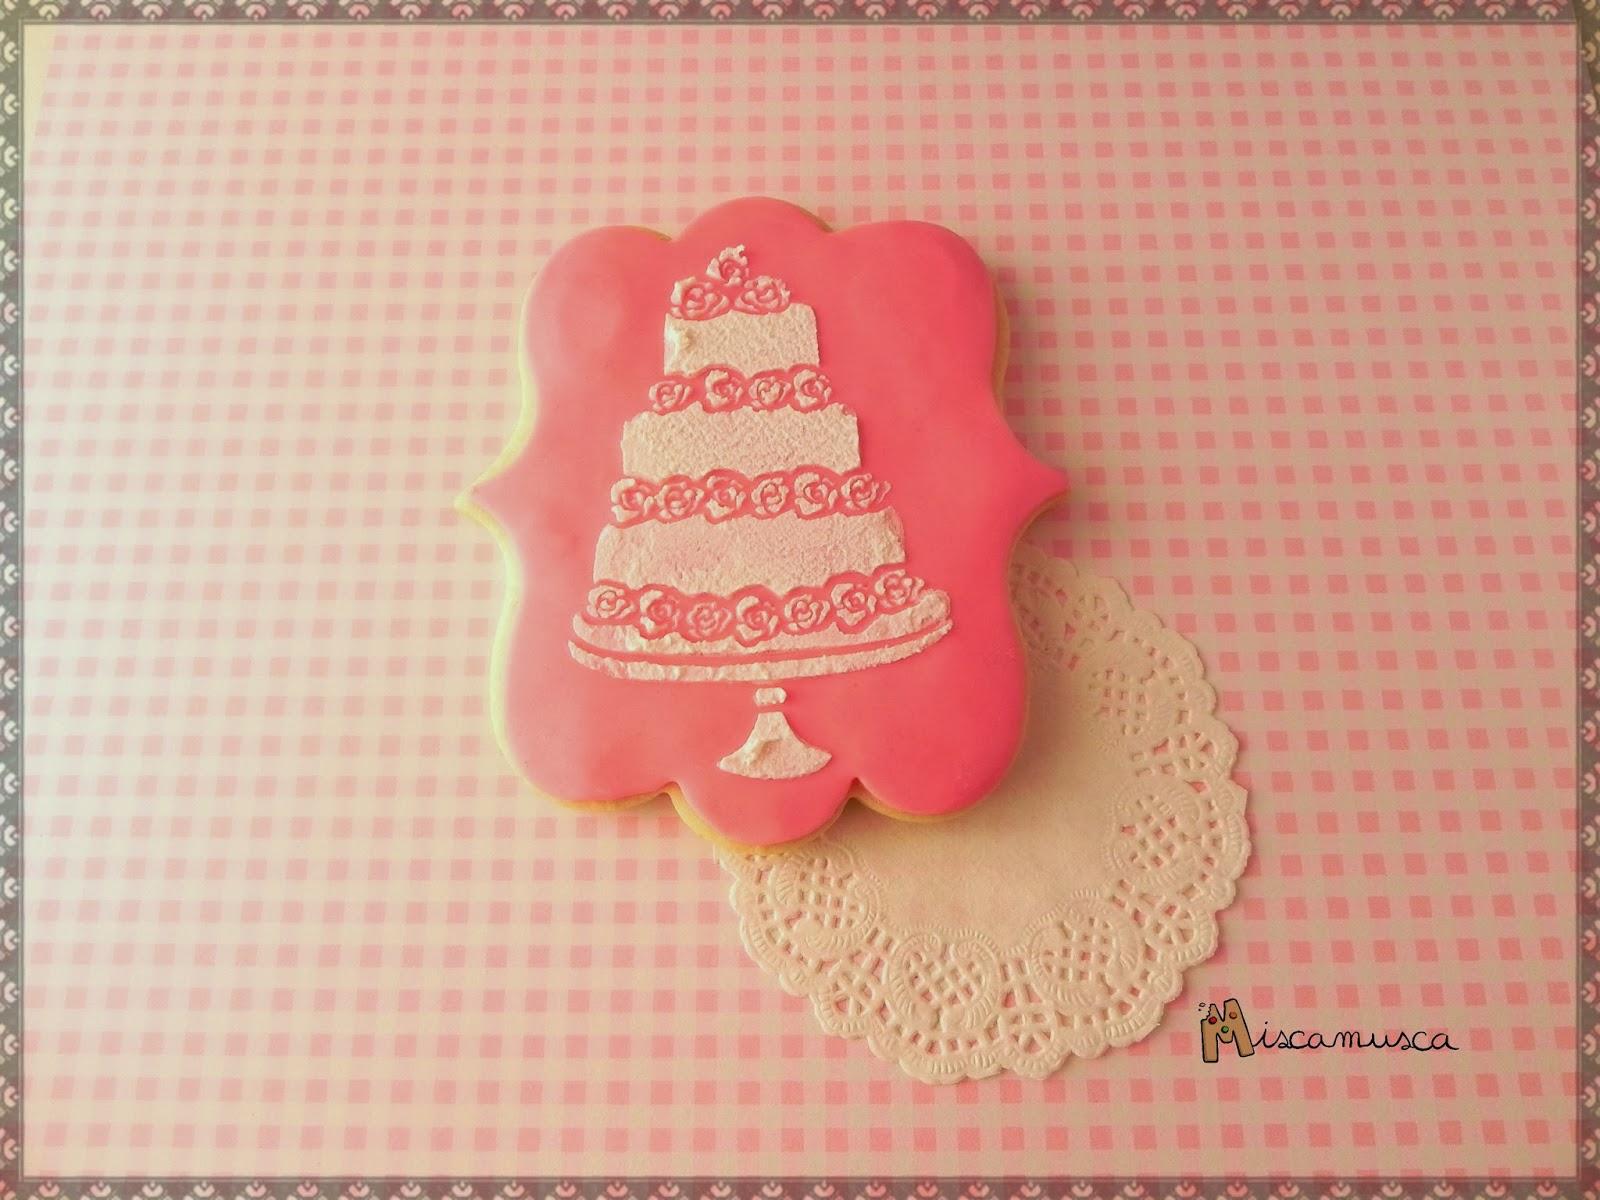 Galleta boda pastel rosa